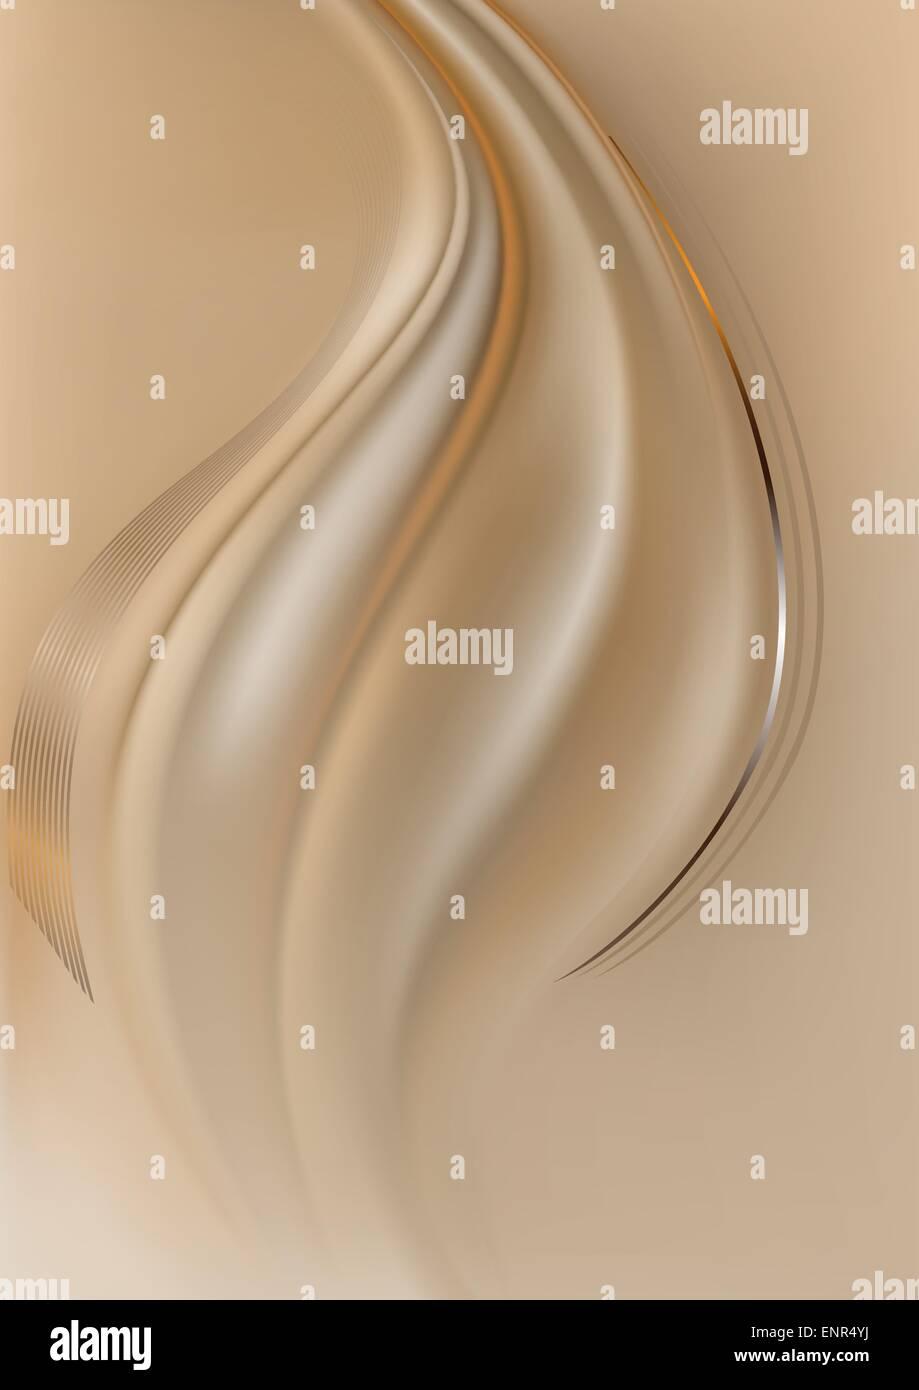 4e4469735861f Naranja y plata líneas curvas en color marrón claro de fondo de malla  Imagen De Stock